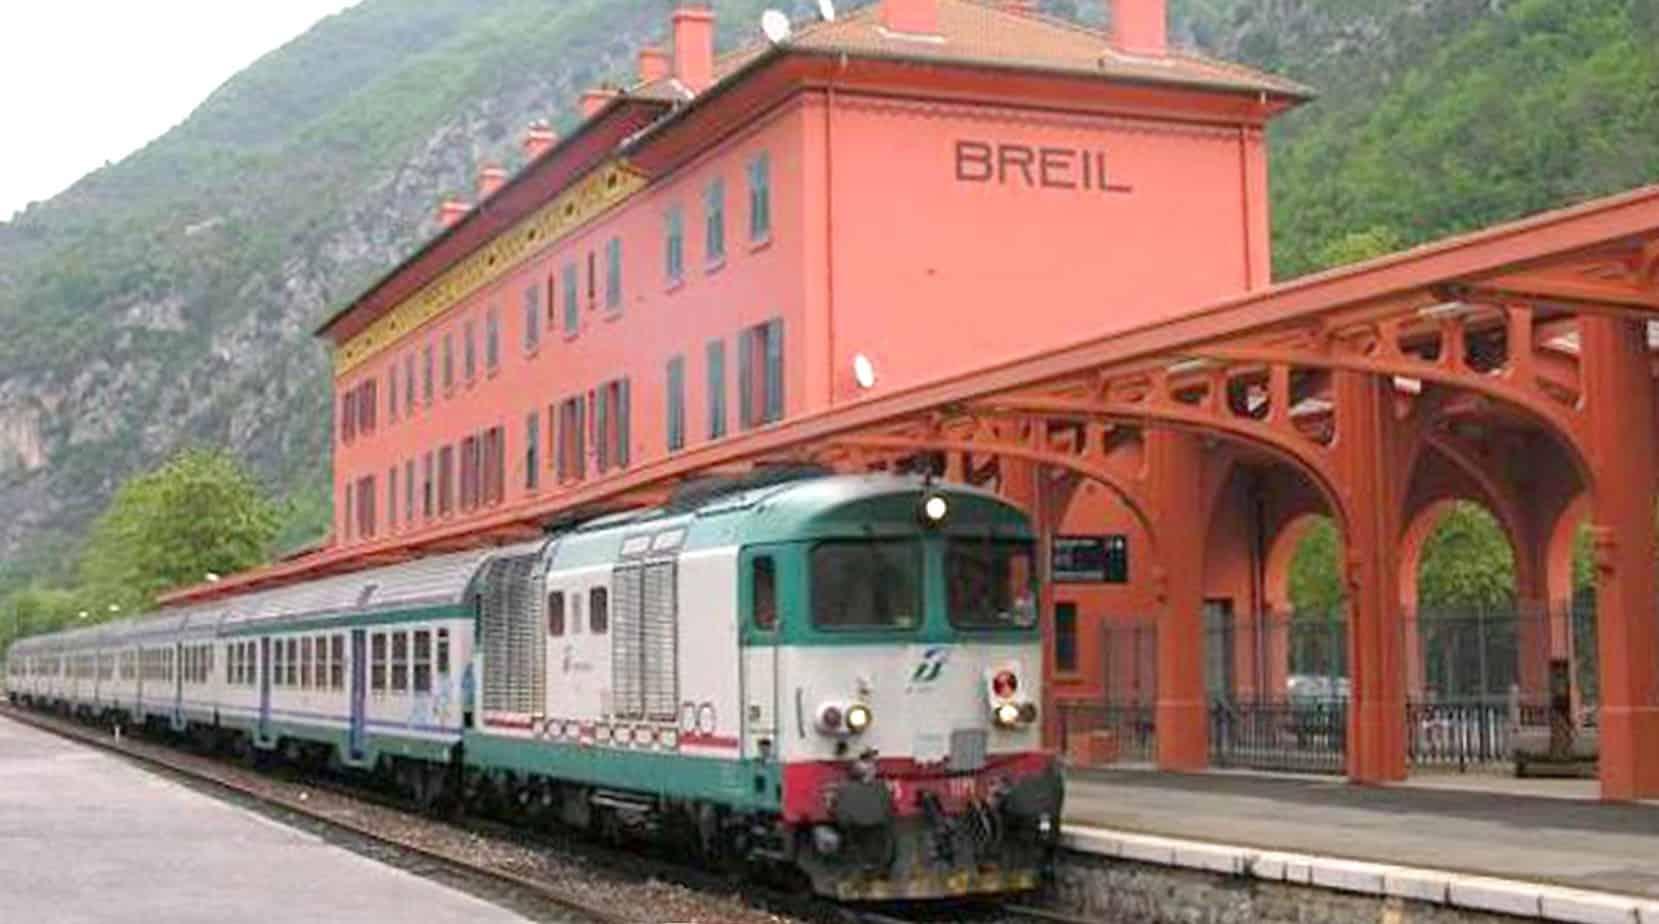 La ferrovia Cuneo-Limone-Ventimiglia (o linea del Tenda) è stata progettata a fine Ottocento: collega il Capoluogo di Provincia piemontese alla cittadina ligure, passando per il comune di Borgo San Dalmazzo (CN) e attraversando il territorio francese